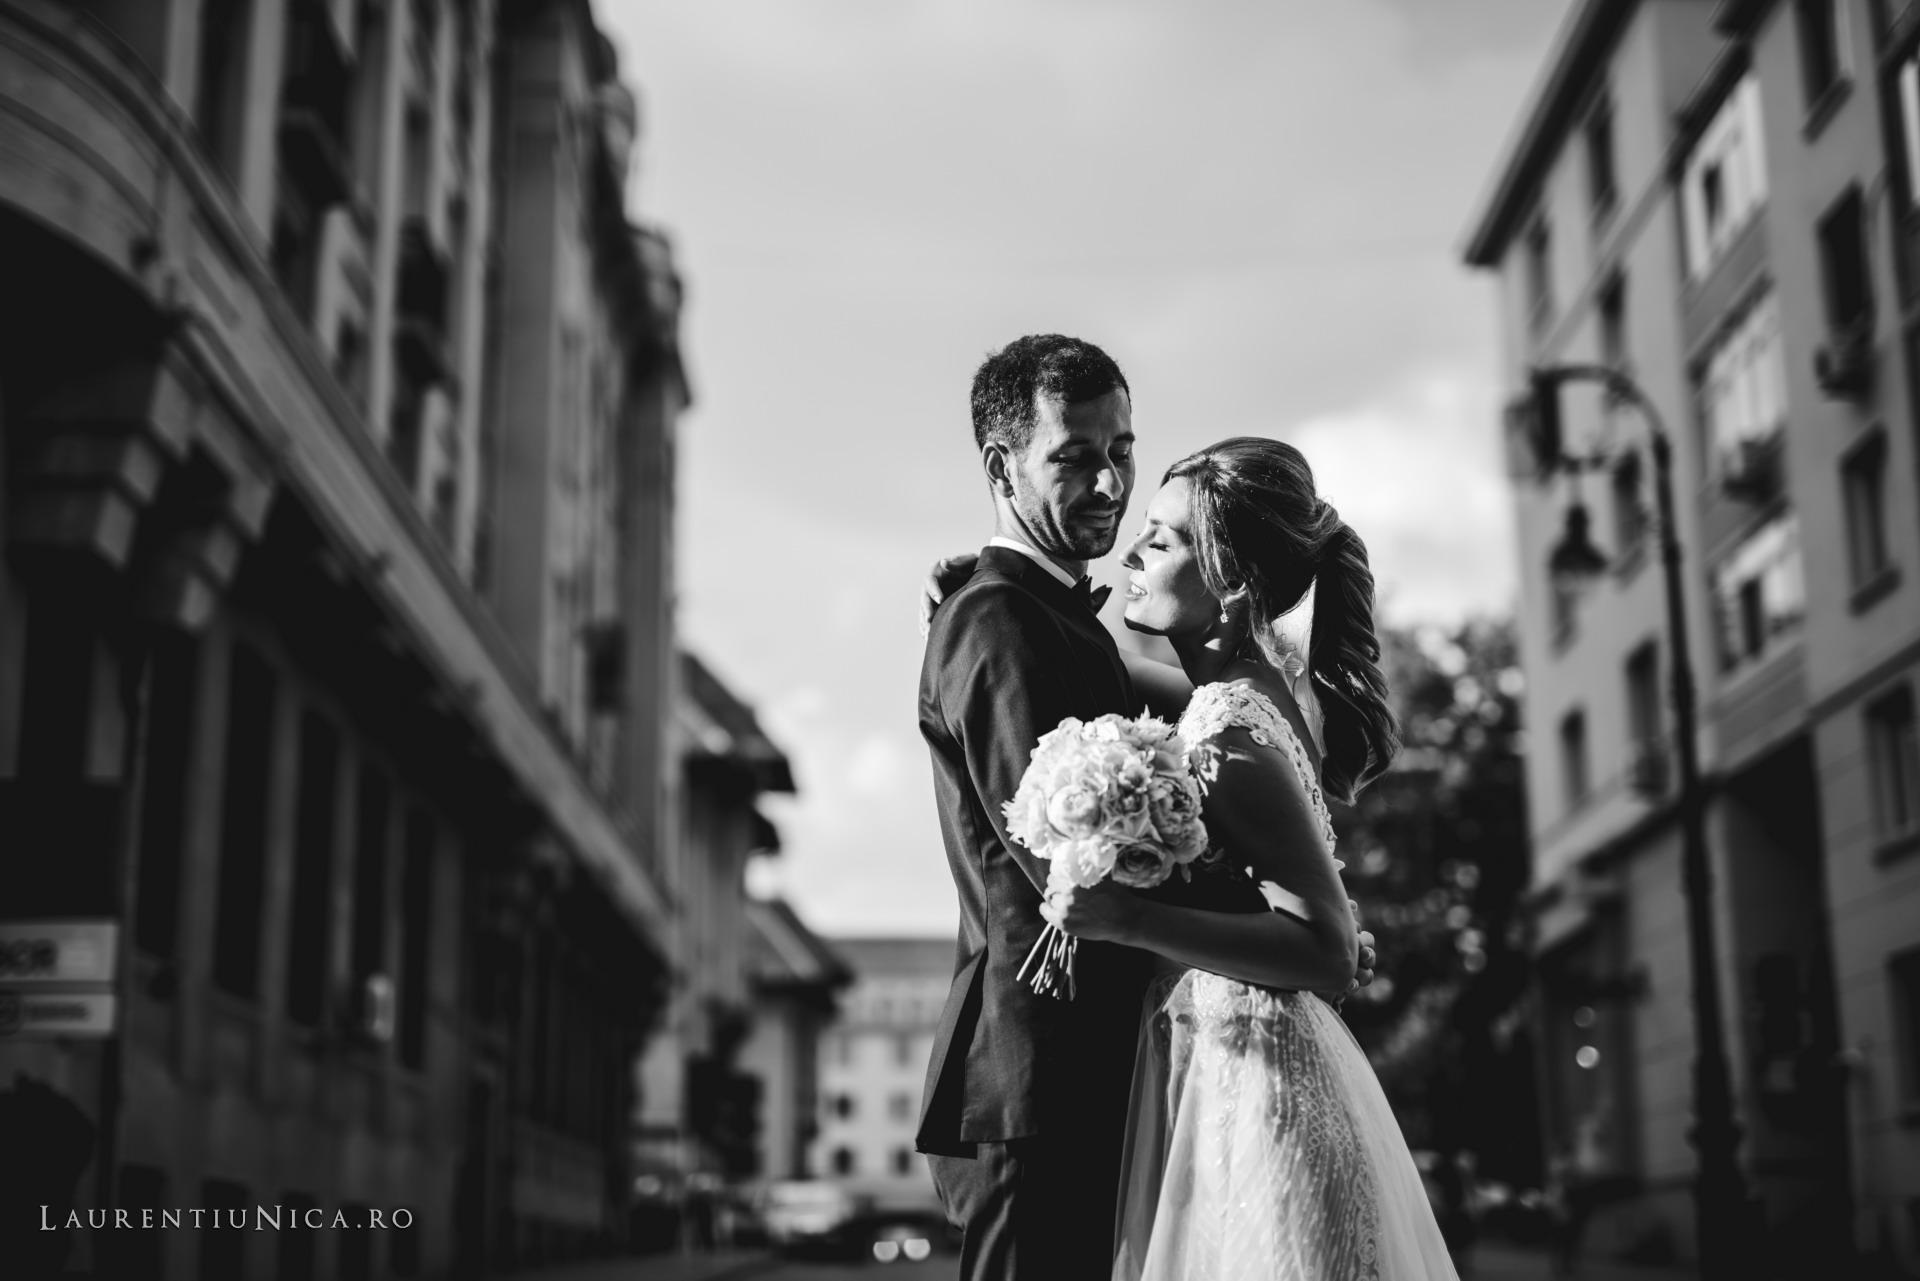 carolina si sorin craiova fotograf nunta laurentiu nica46 - Carolina & Sorin | Fotografii nunta